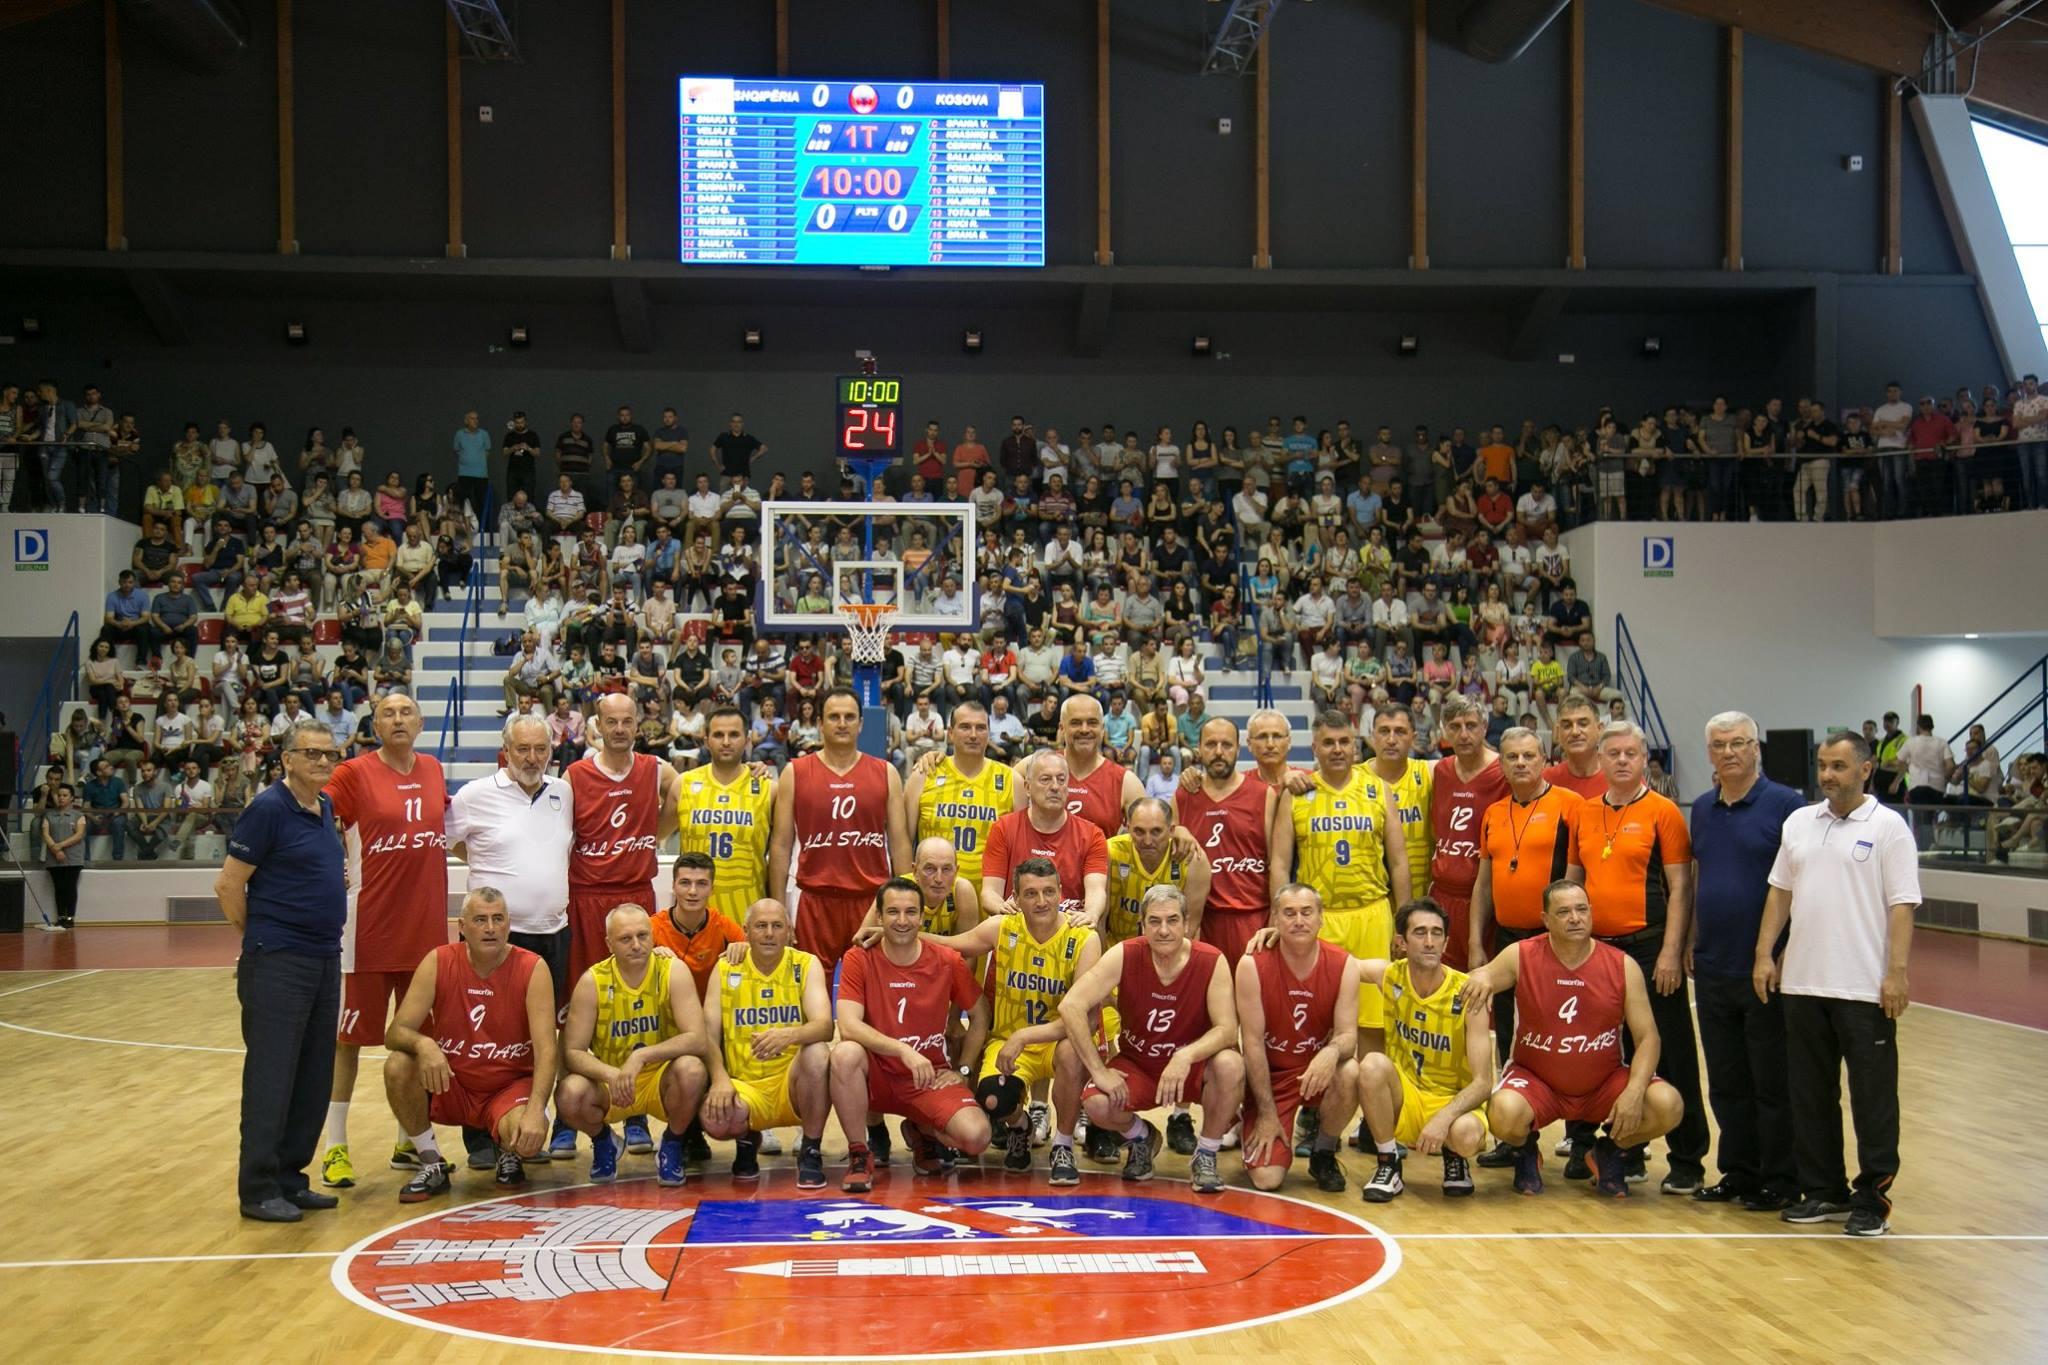 El equipo de Albania jugó el partido inaugural con camiseta roja. En primera fila, con el número 1, el alcalde de Tirana, Erion Veliaj. De pie, tras él y con el número 2, el primer ministro de Albania, Edi Rama.